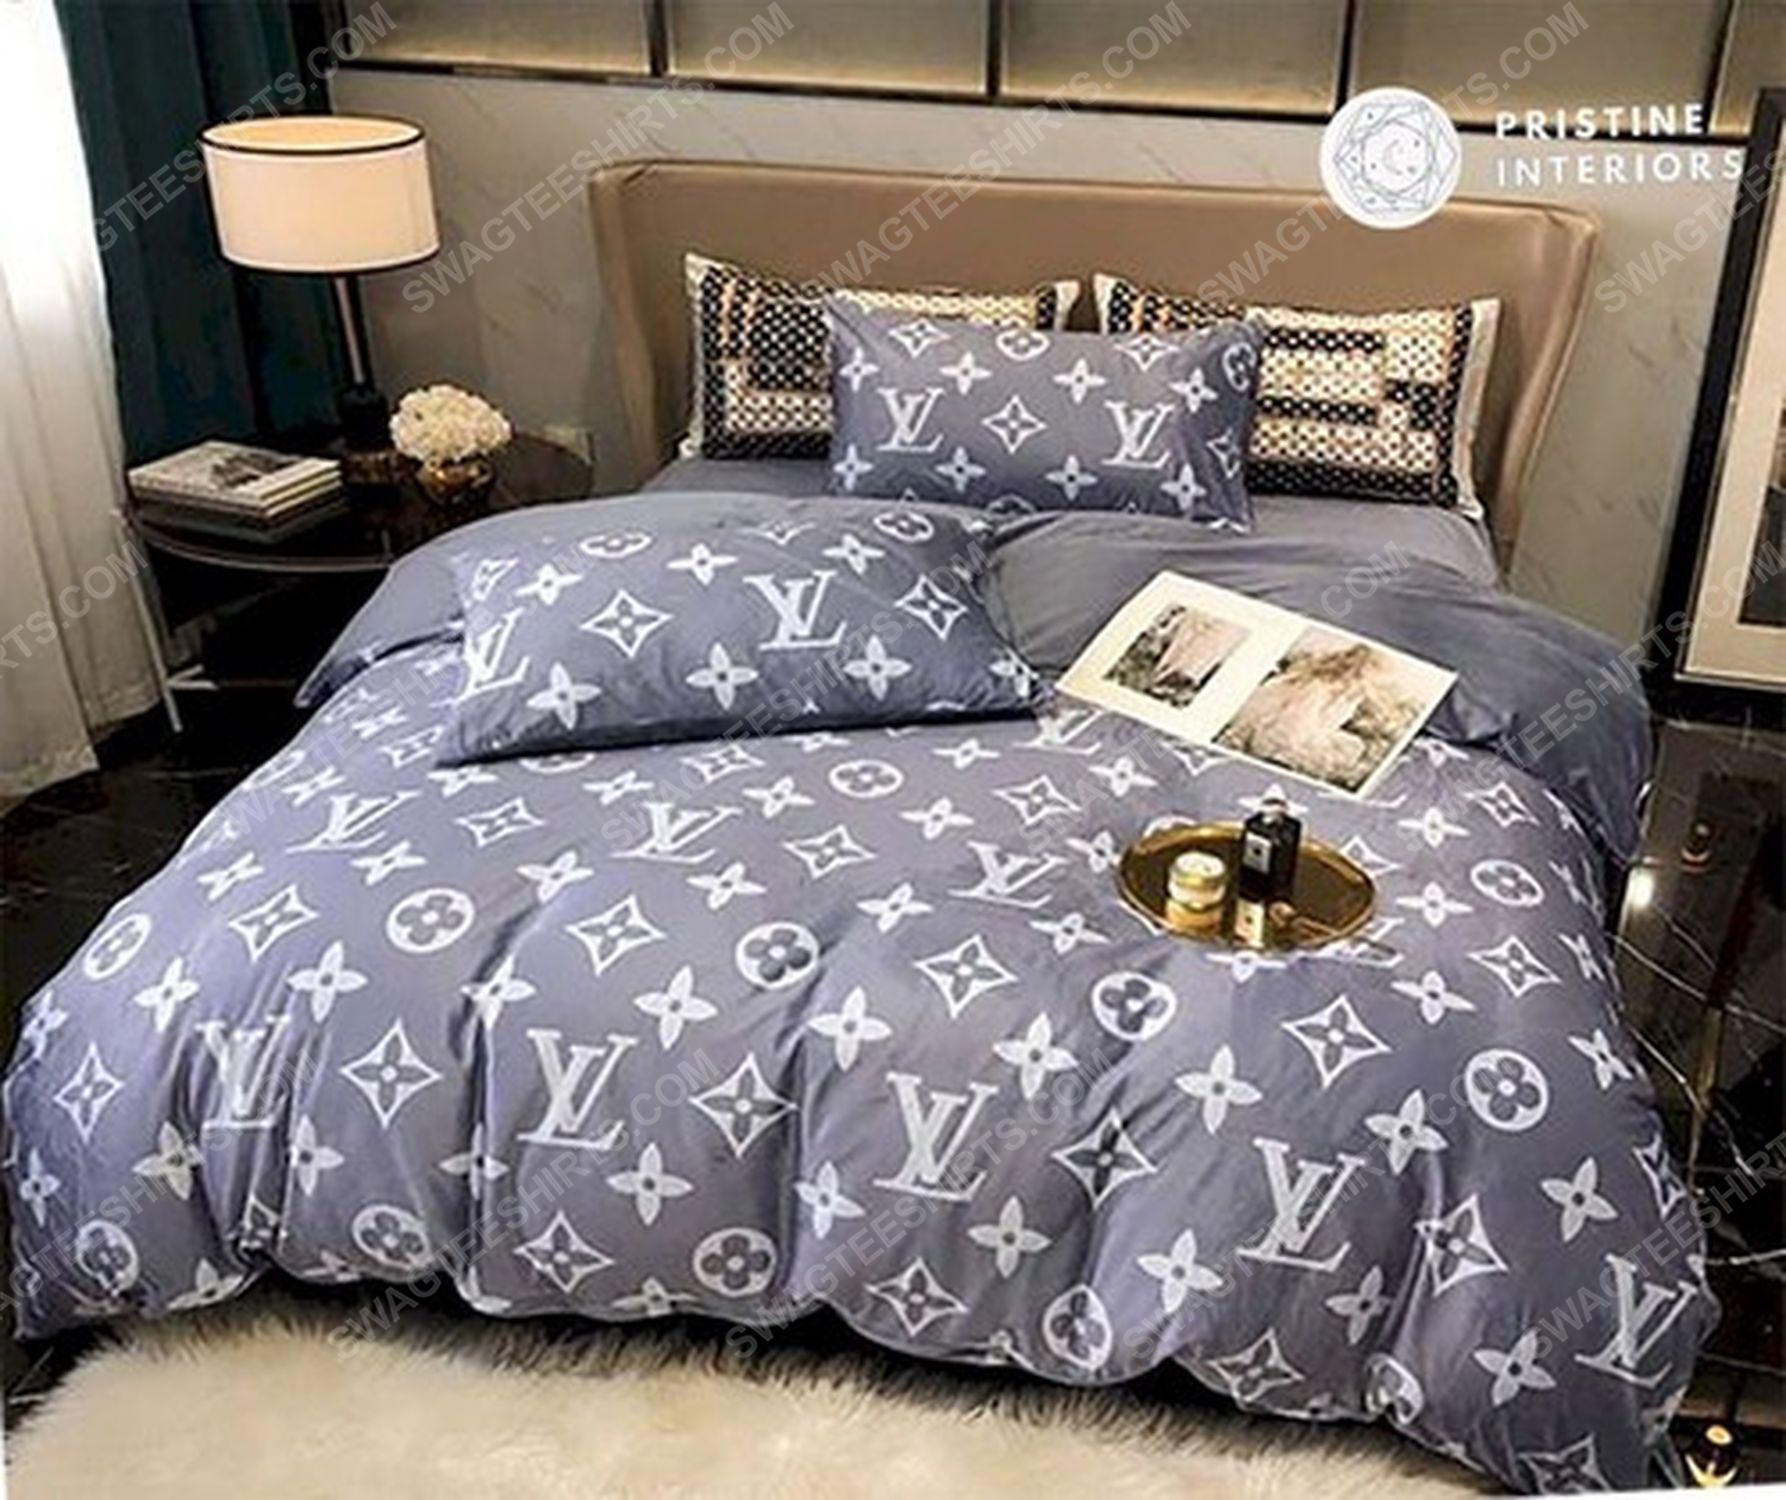 Lv monogram full print duvet cover bedding set 3